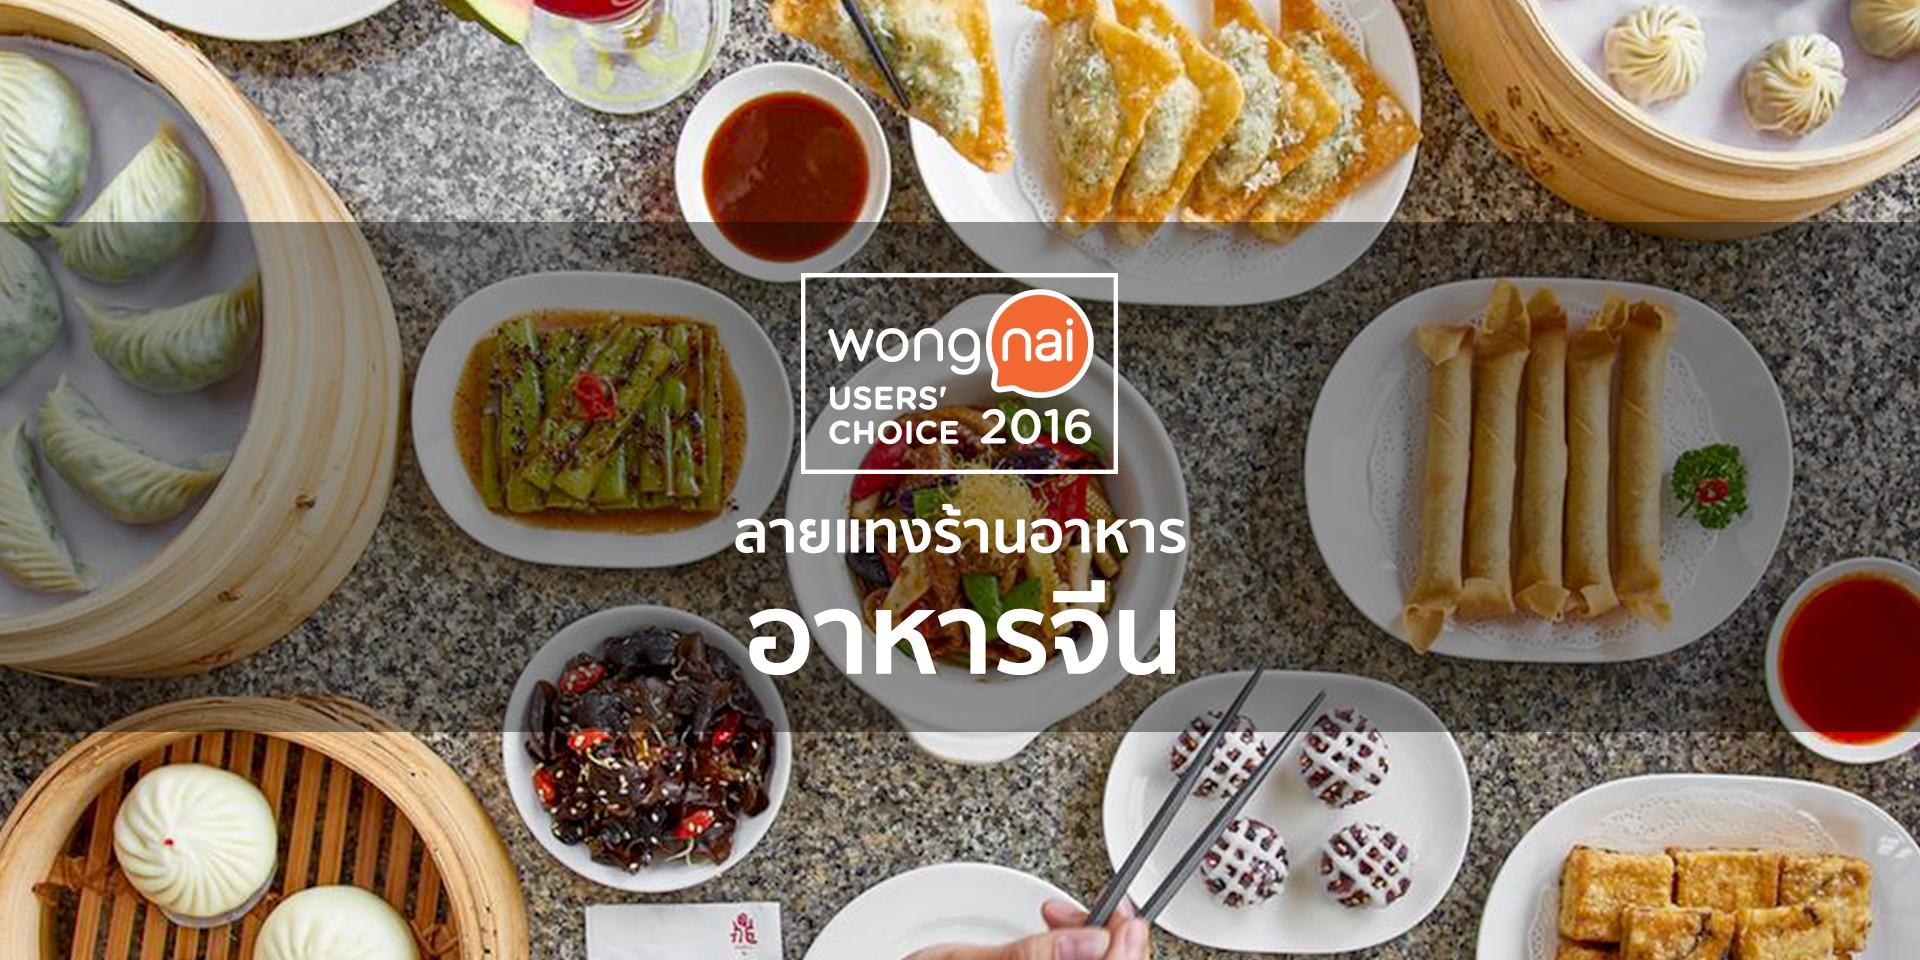 """ร้านอาหารจีนยอดนิยมทั่วไทยจาก """"Wongnai Users' Choice 2016"""""""